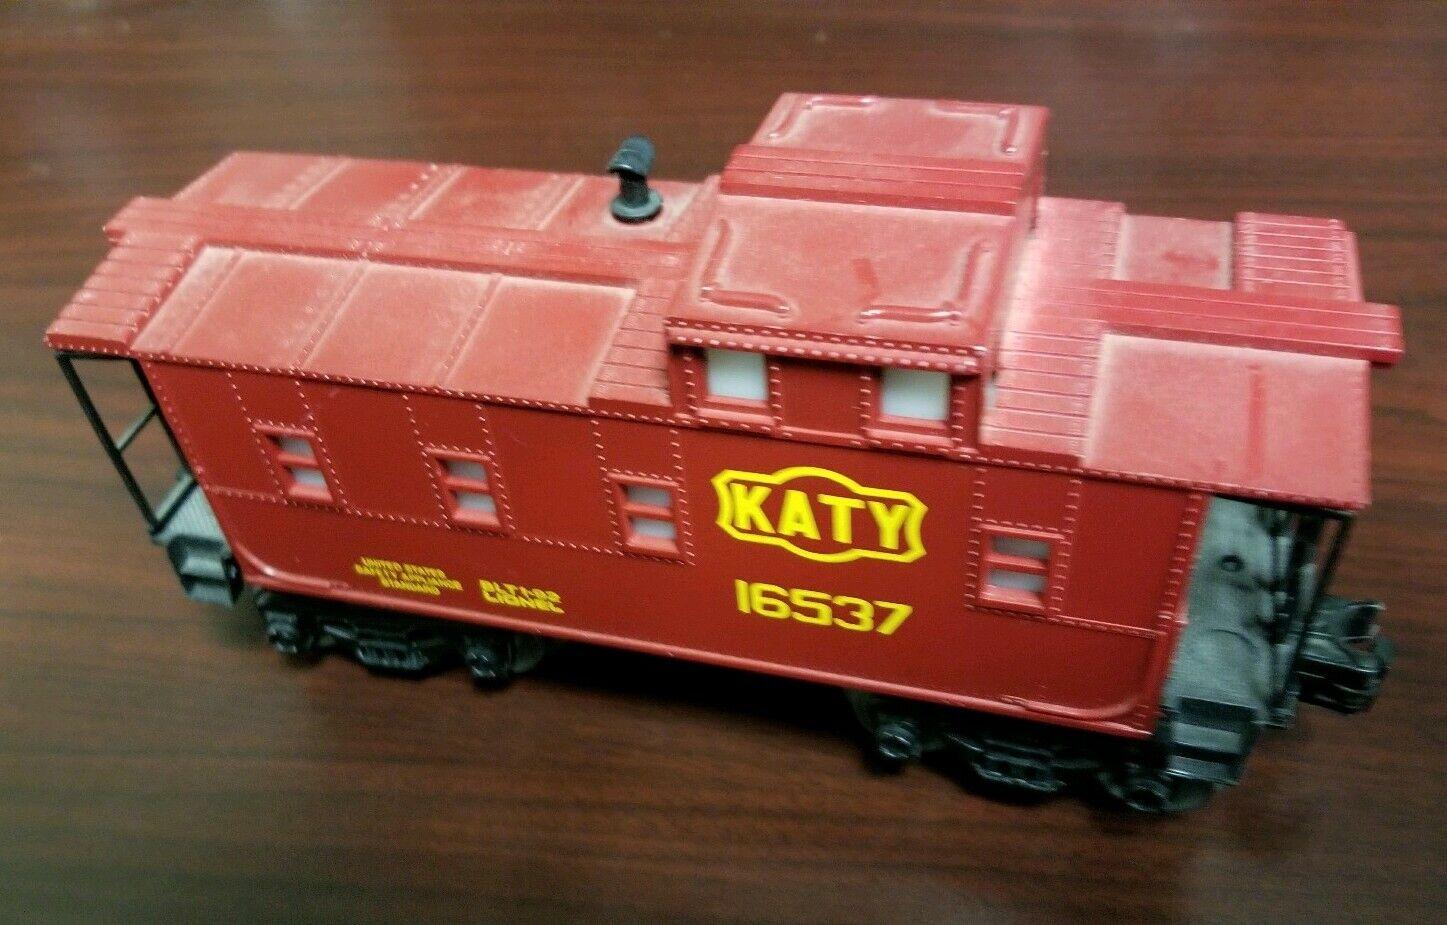 nuovo NO scatola LIONEL modellolo Train auto Katy I6537 BTL 192 Caboose